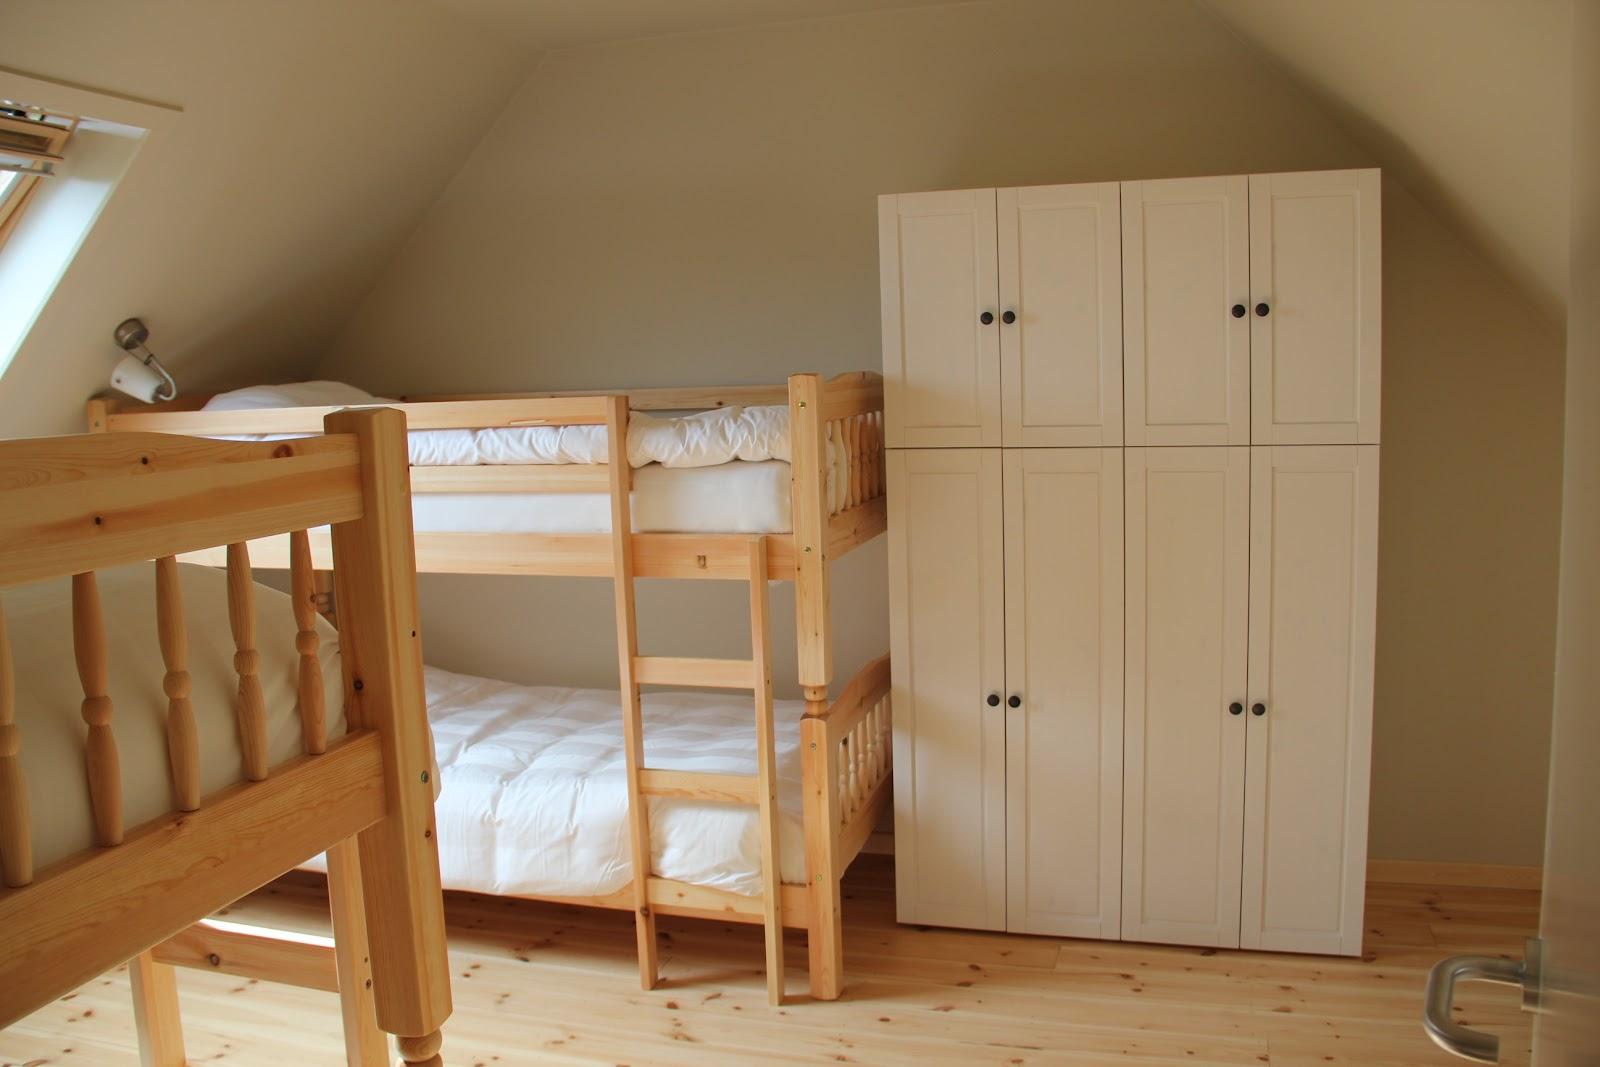 vakantiehuizen-aan-zee-De-Panne-Belgische-kust-5-slaapkamers-Govilla ...